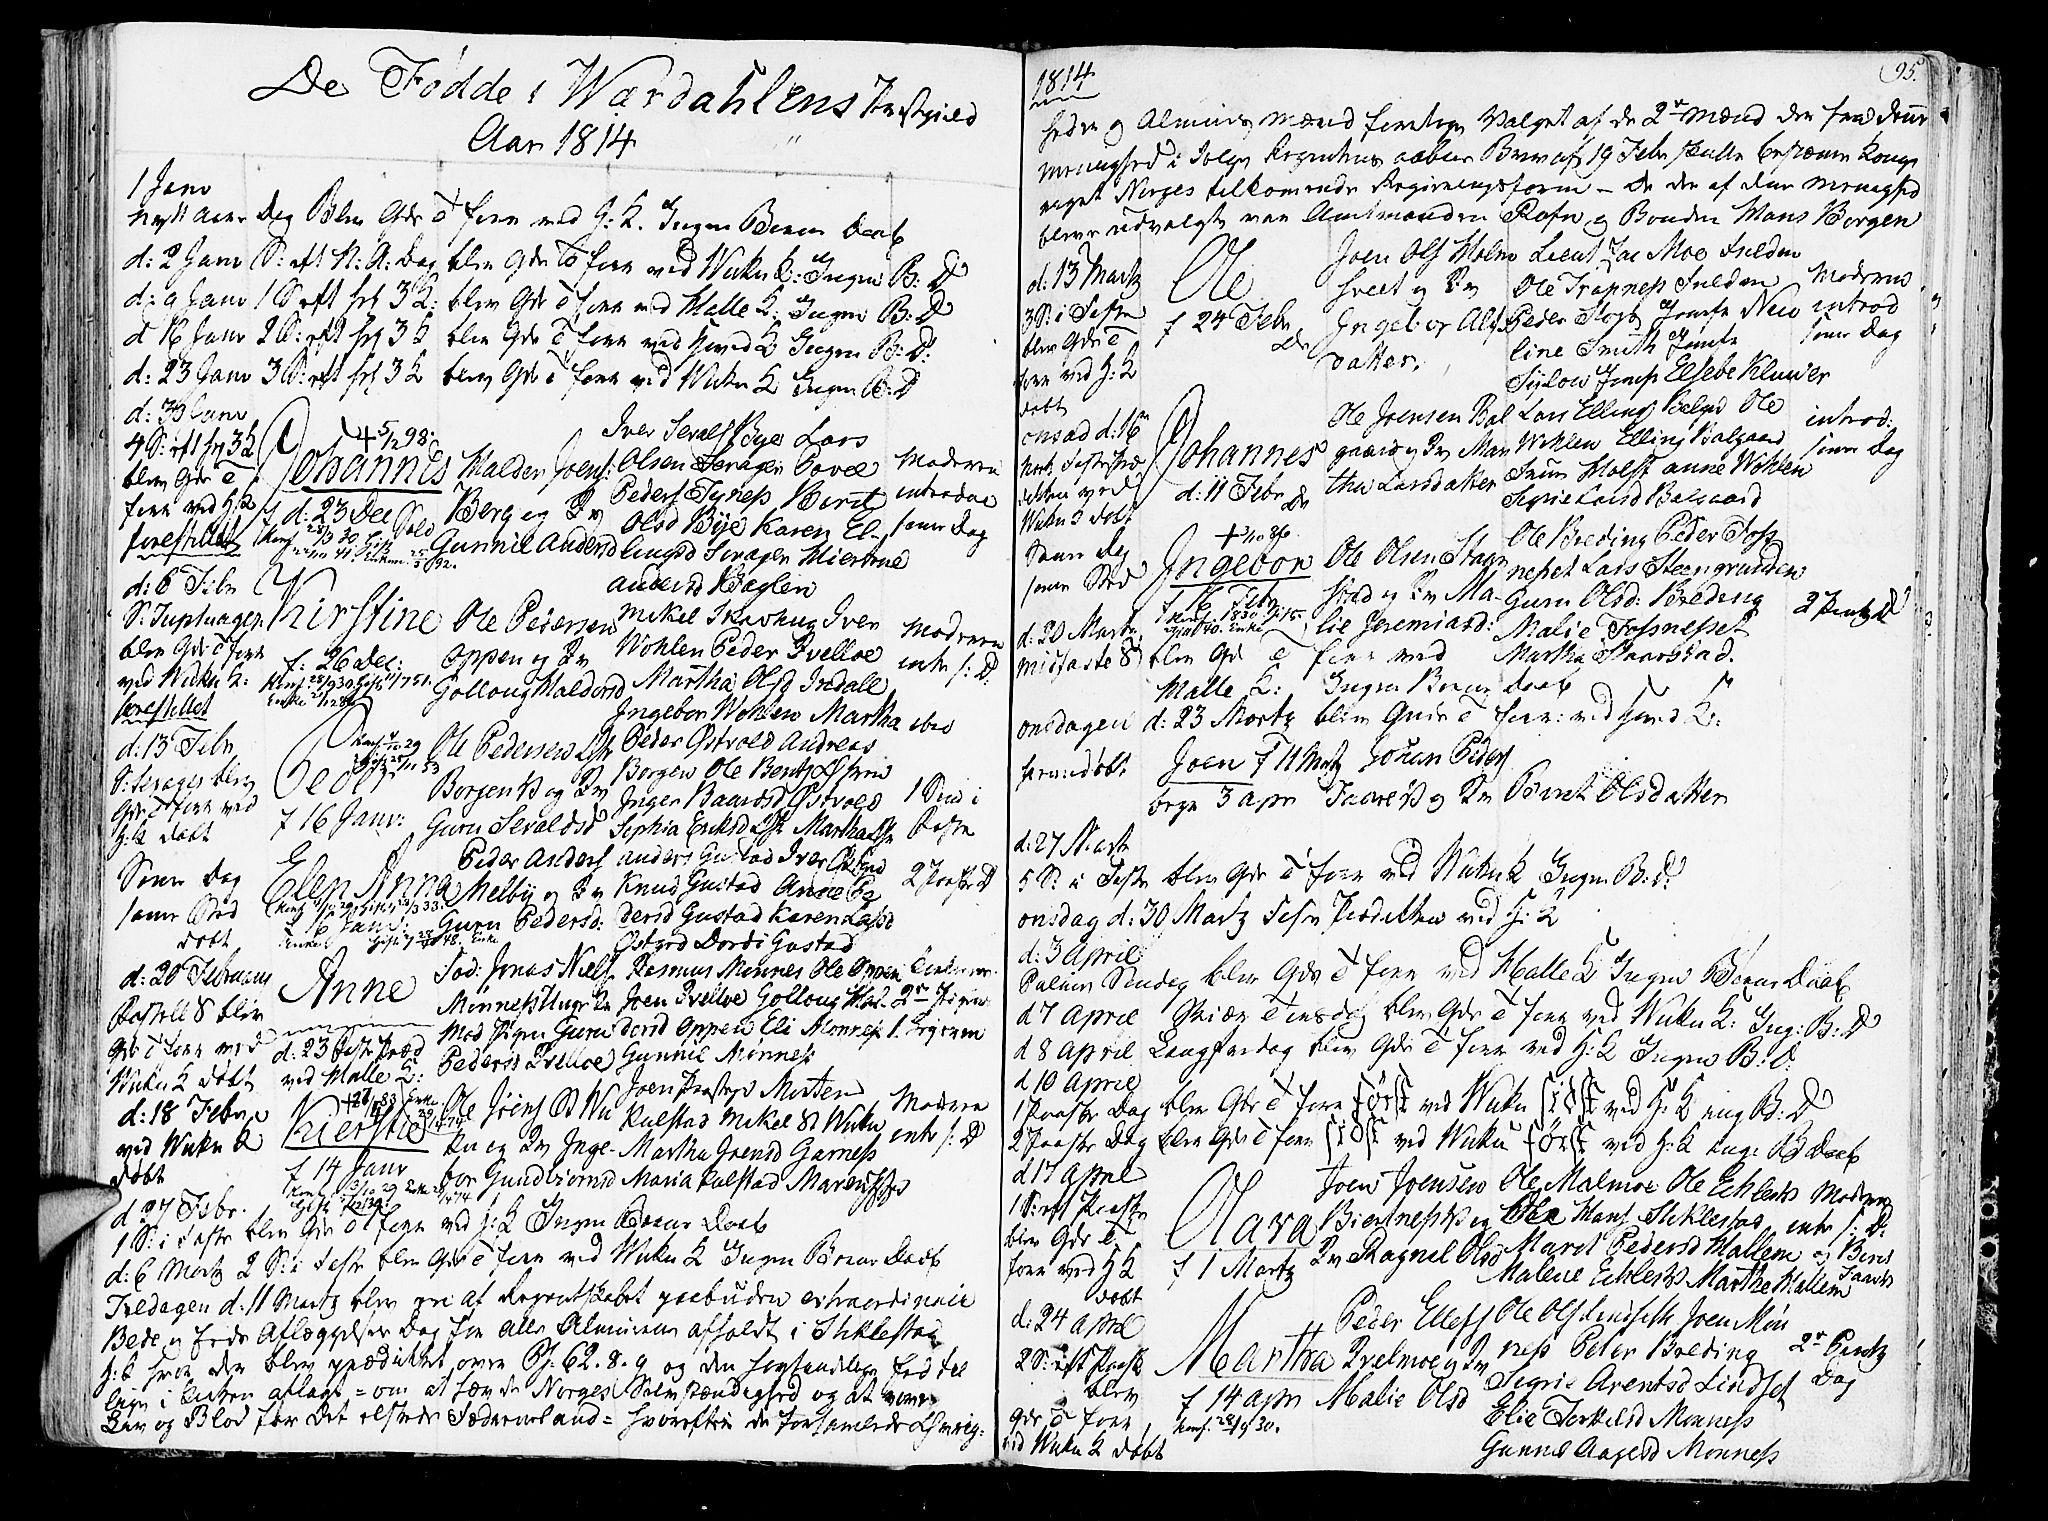 SAT, Ministerialprotokoller, klokkerbøker og fødselsregistre - Nord-Trøndelag, 723/L0233: Ministerialbok nr. 723A04, 1805-1816, s. 95